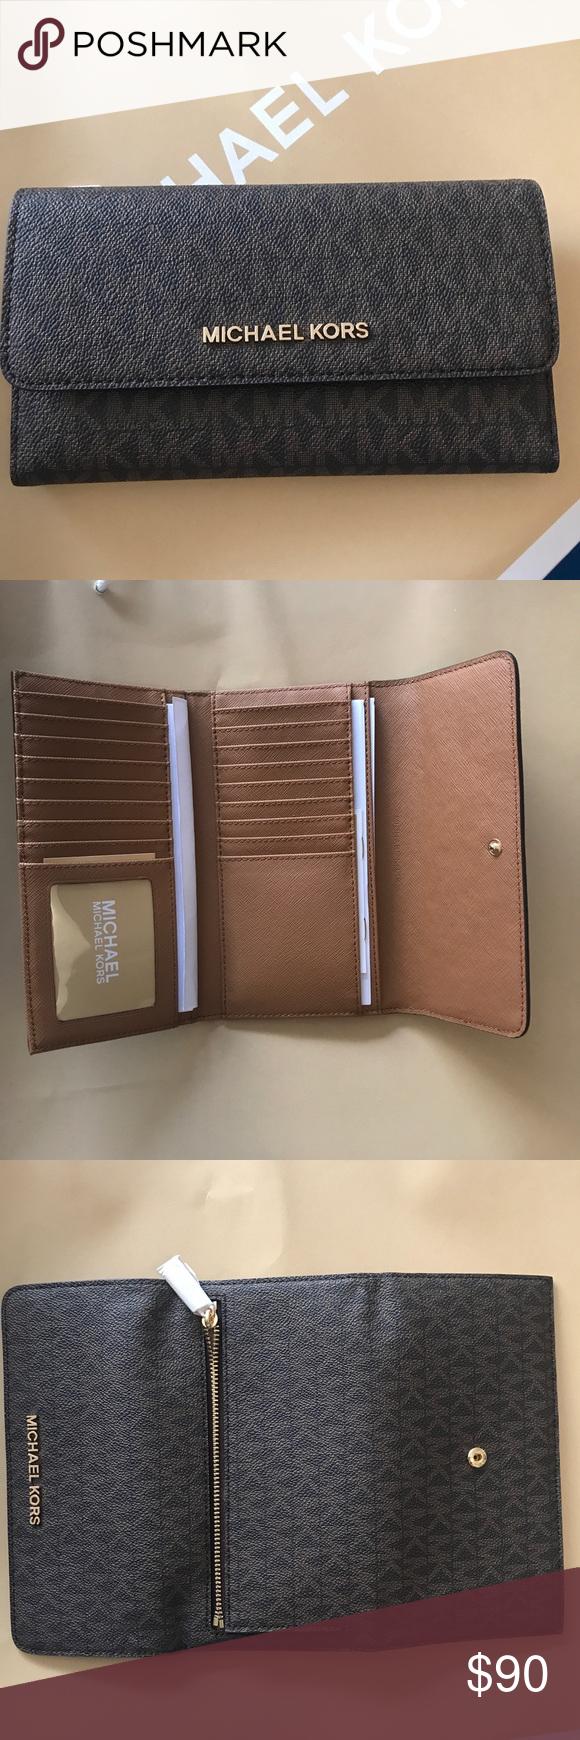 294a70615e95 Michael Kors Jet Set Travel Large Trifold Wallet Large Trifold wallet in  brown/acorn with